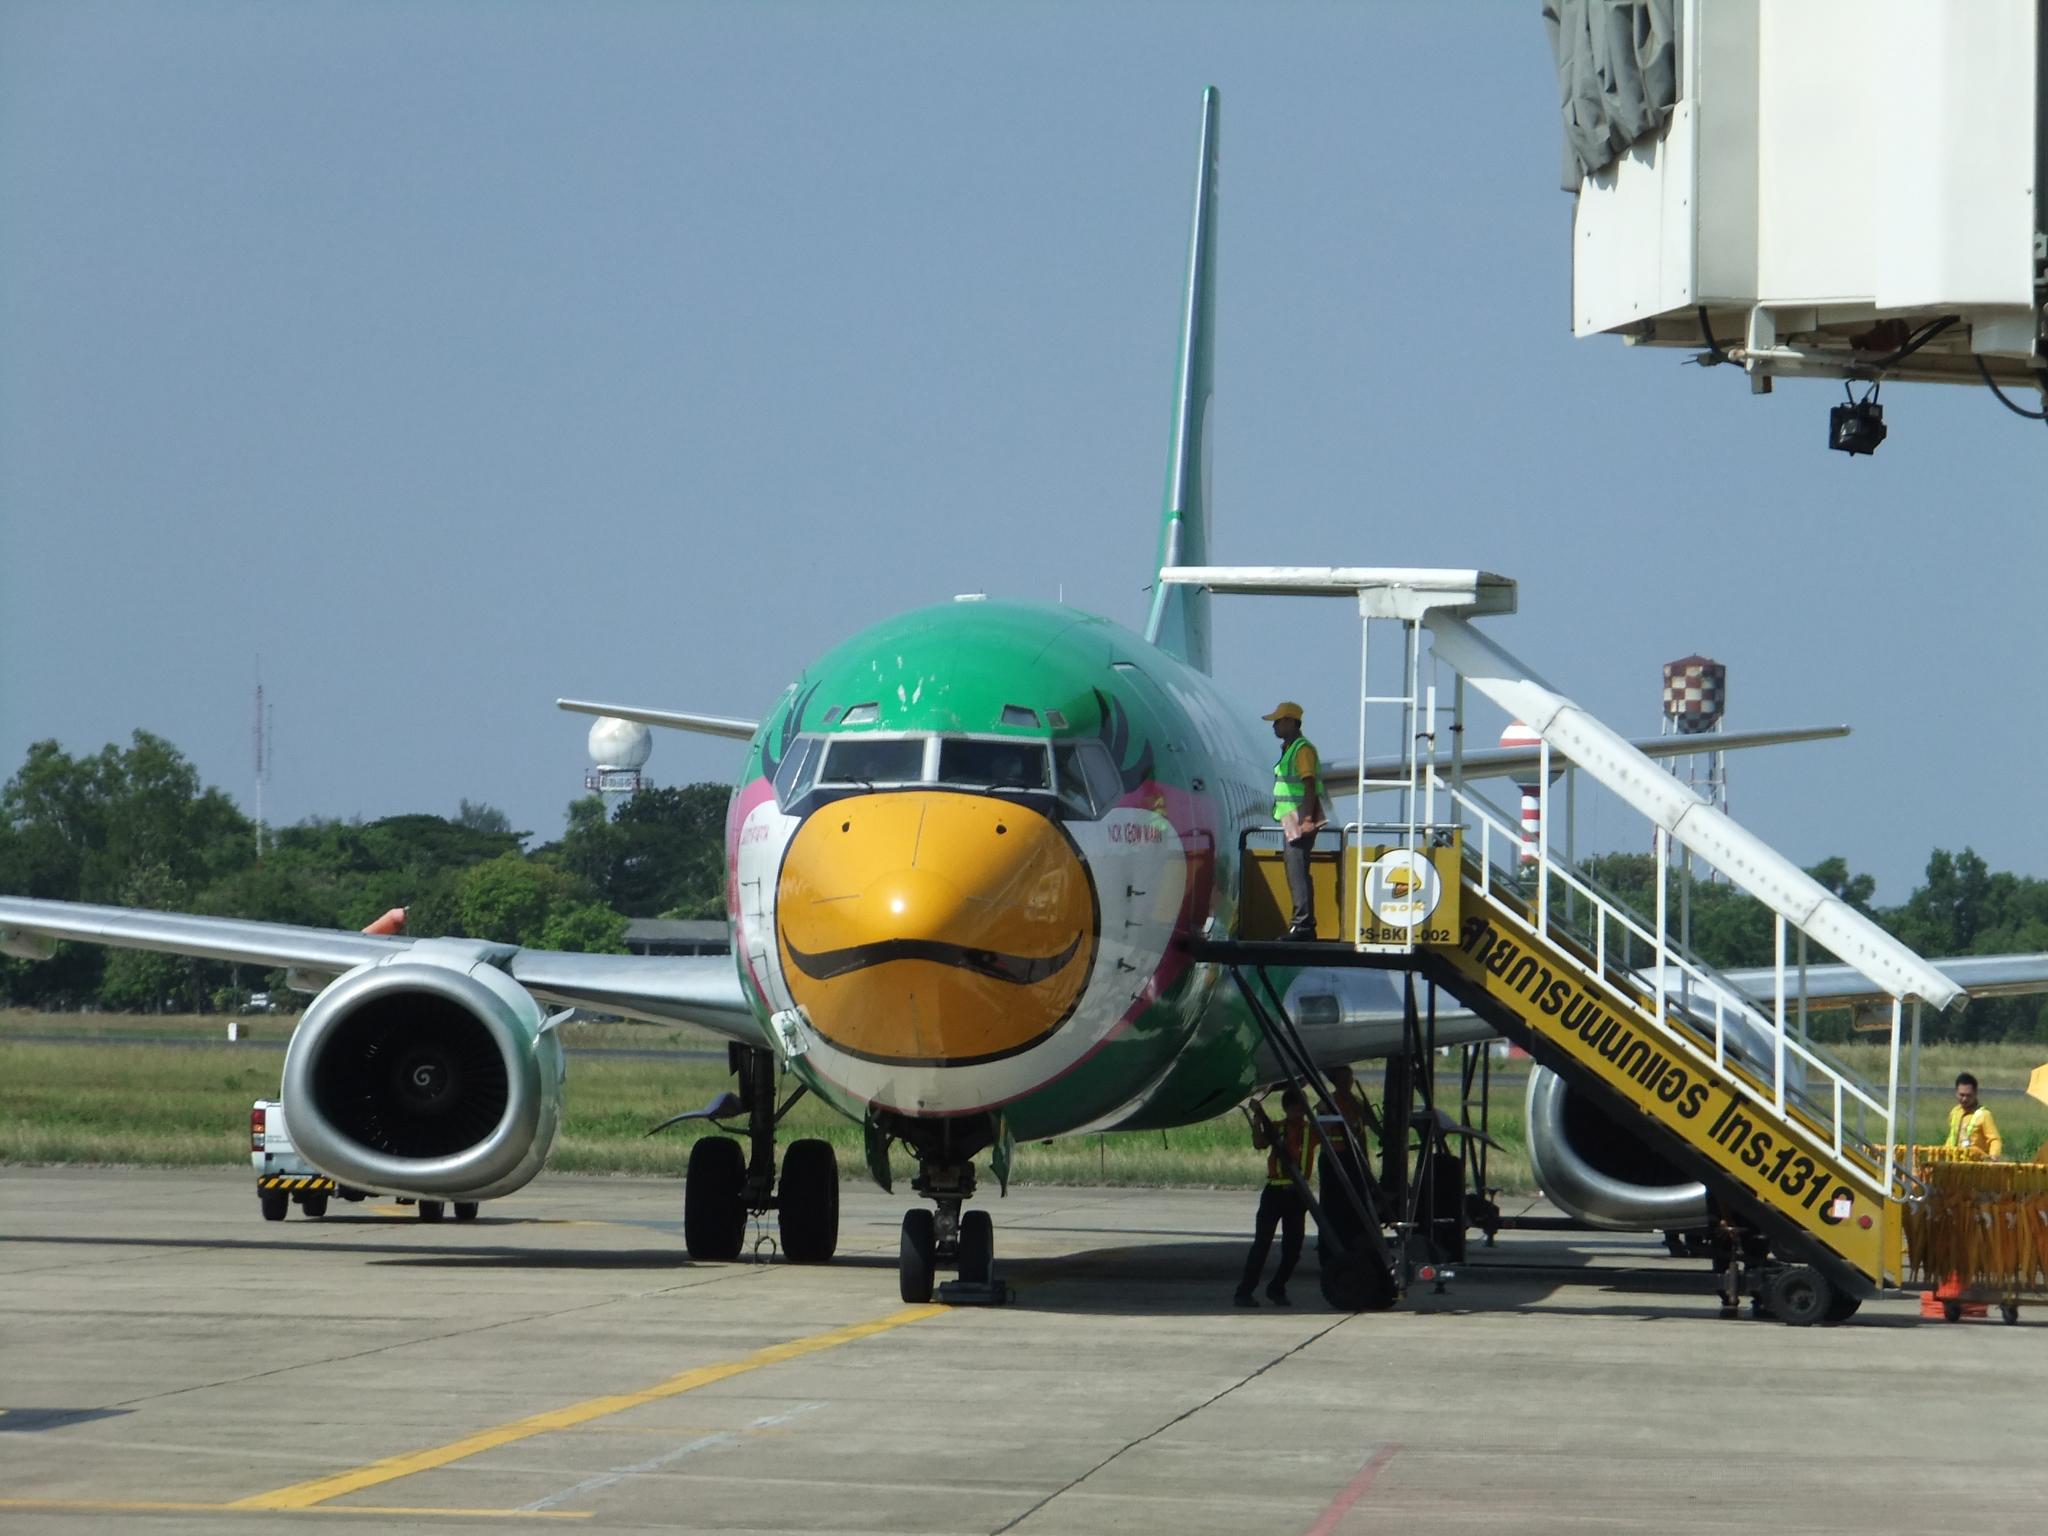 NOKエアーの機体3